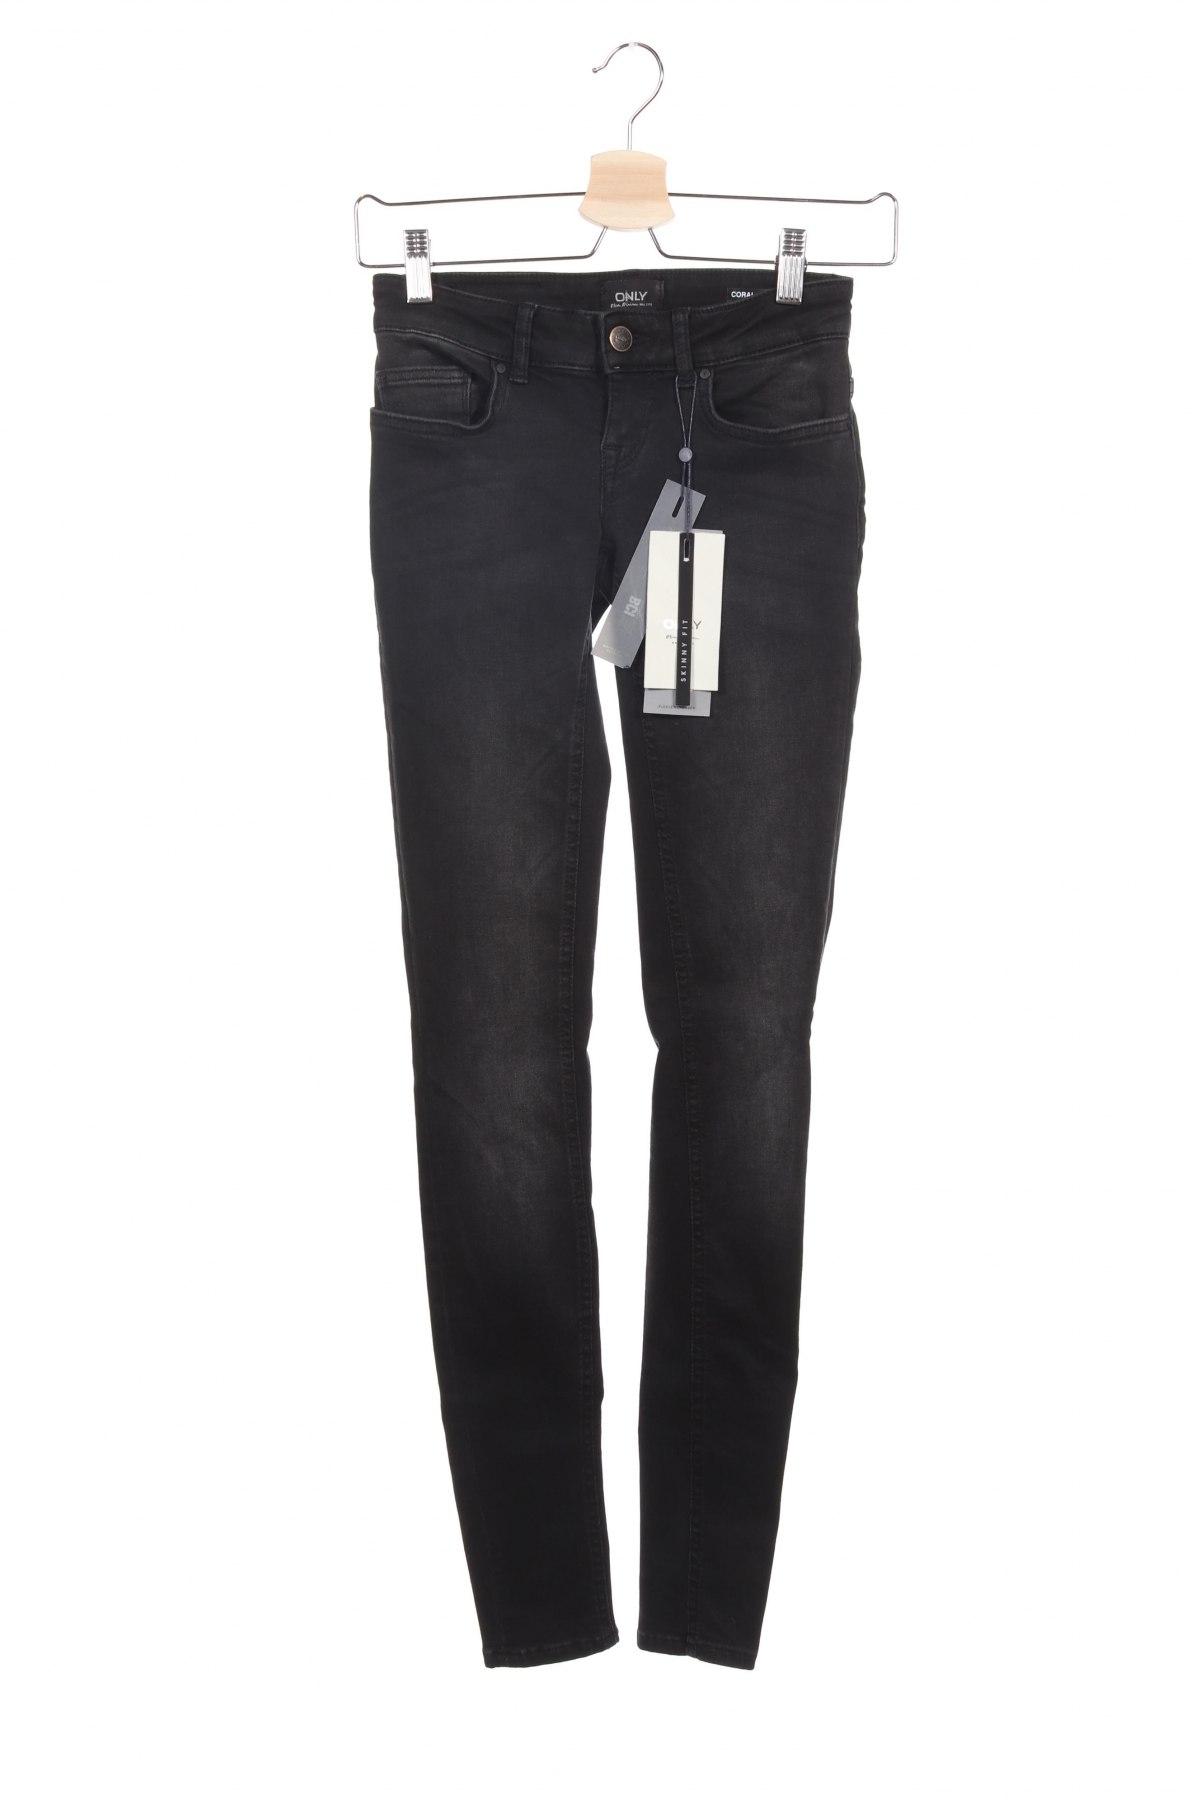 Дамски дънки ONLY, Размер XS, Цвят Черен, 92% памук, 6% полиестер, 2% еластан, Цена 25,57лв.